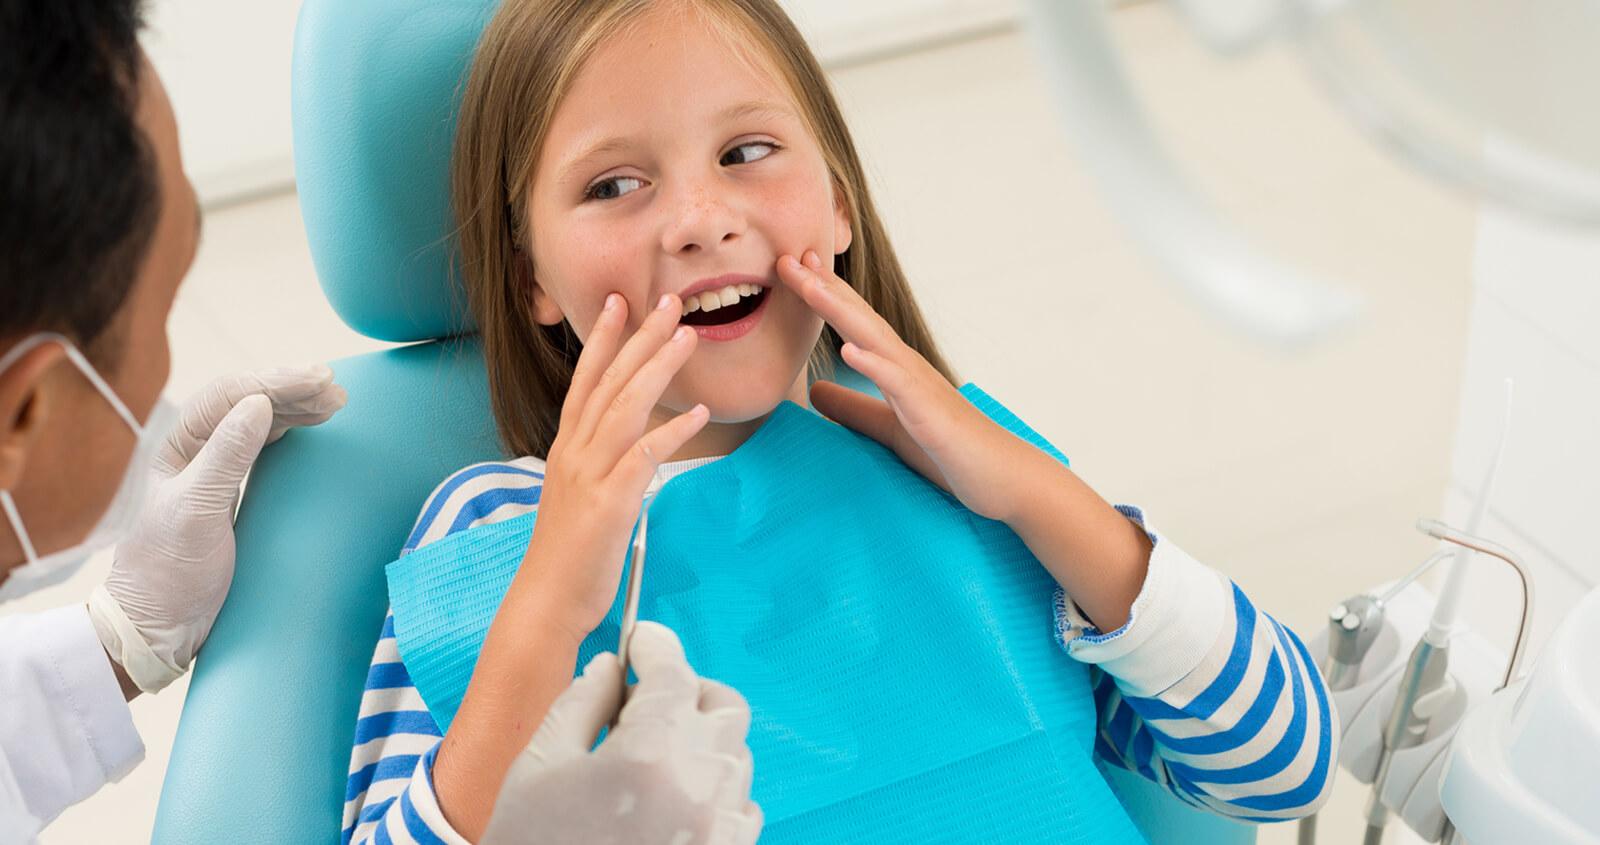 Overland Park, KS, dentist offers the Healthy Start Dental Program for children